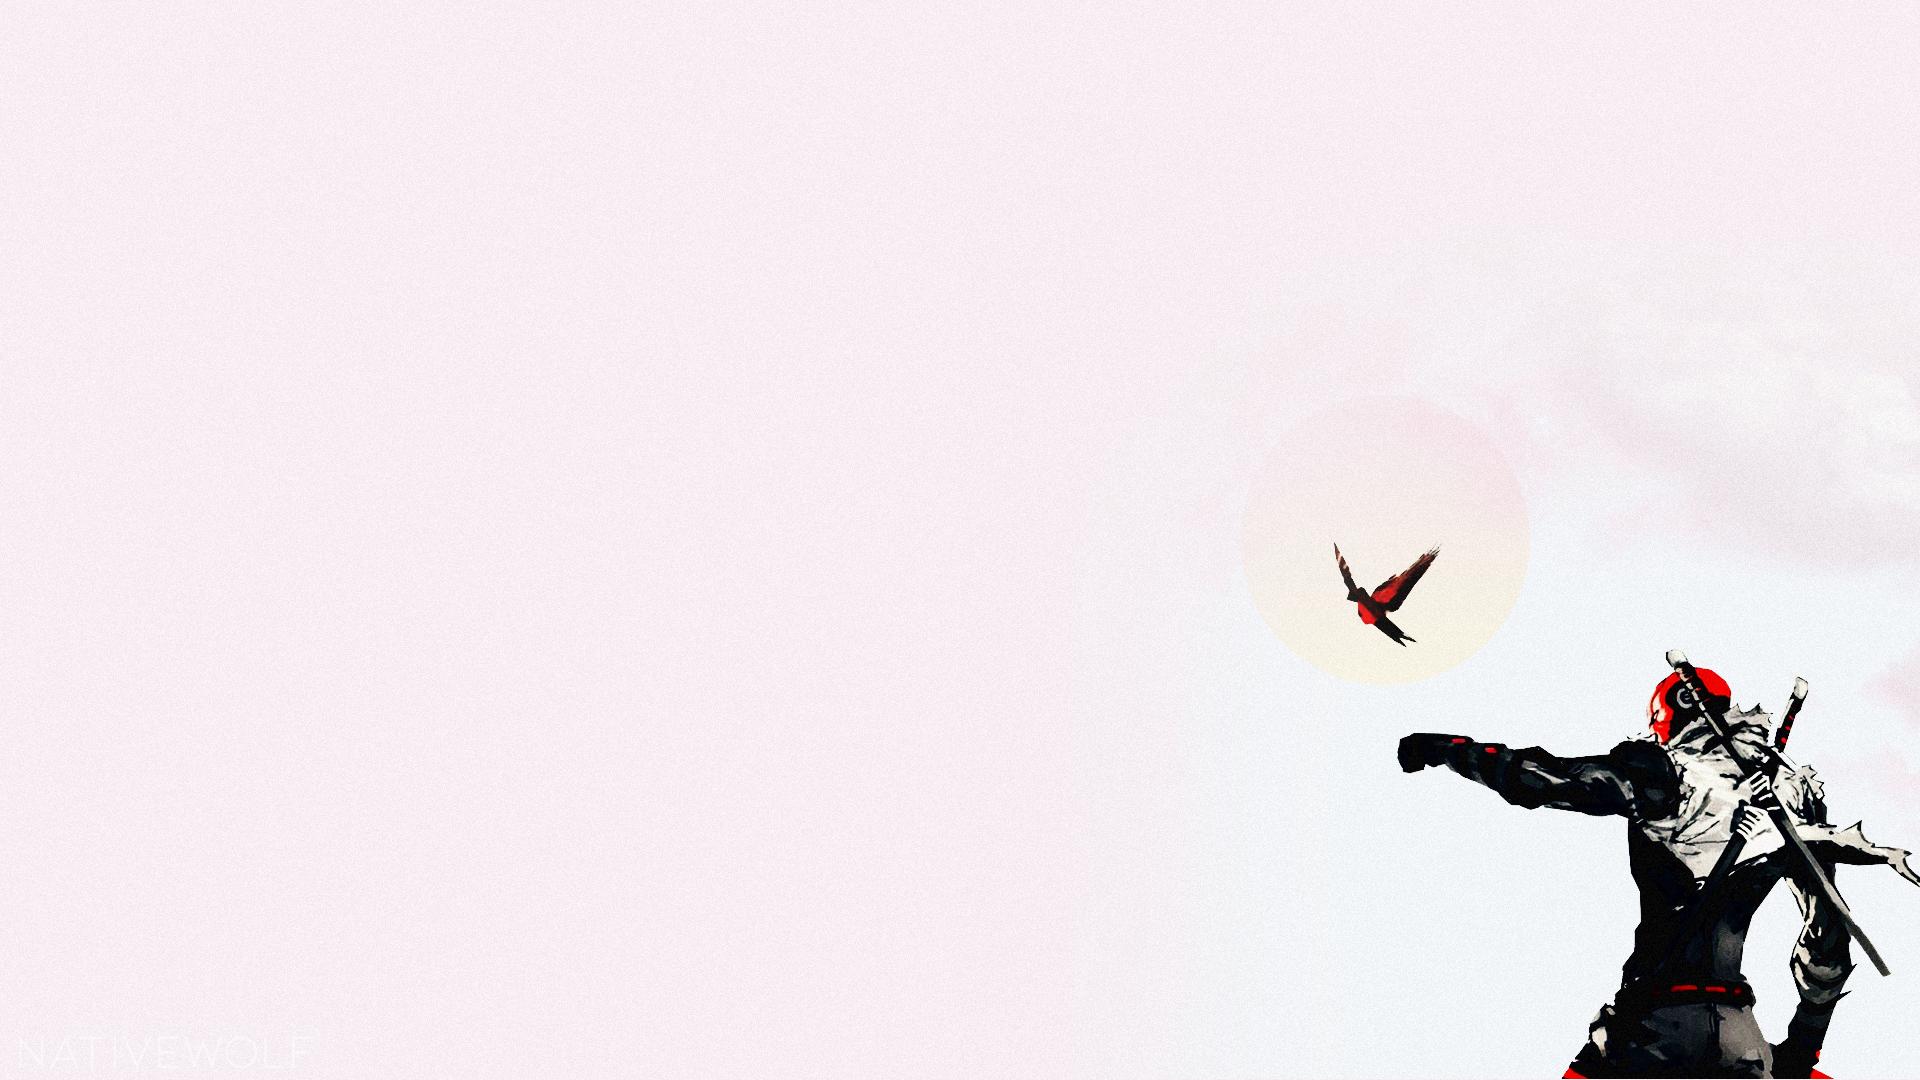 Masaüstü Kırmızı şapka Kuşlar Soyguncular Boyama Backgound